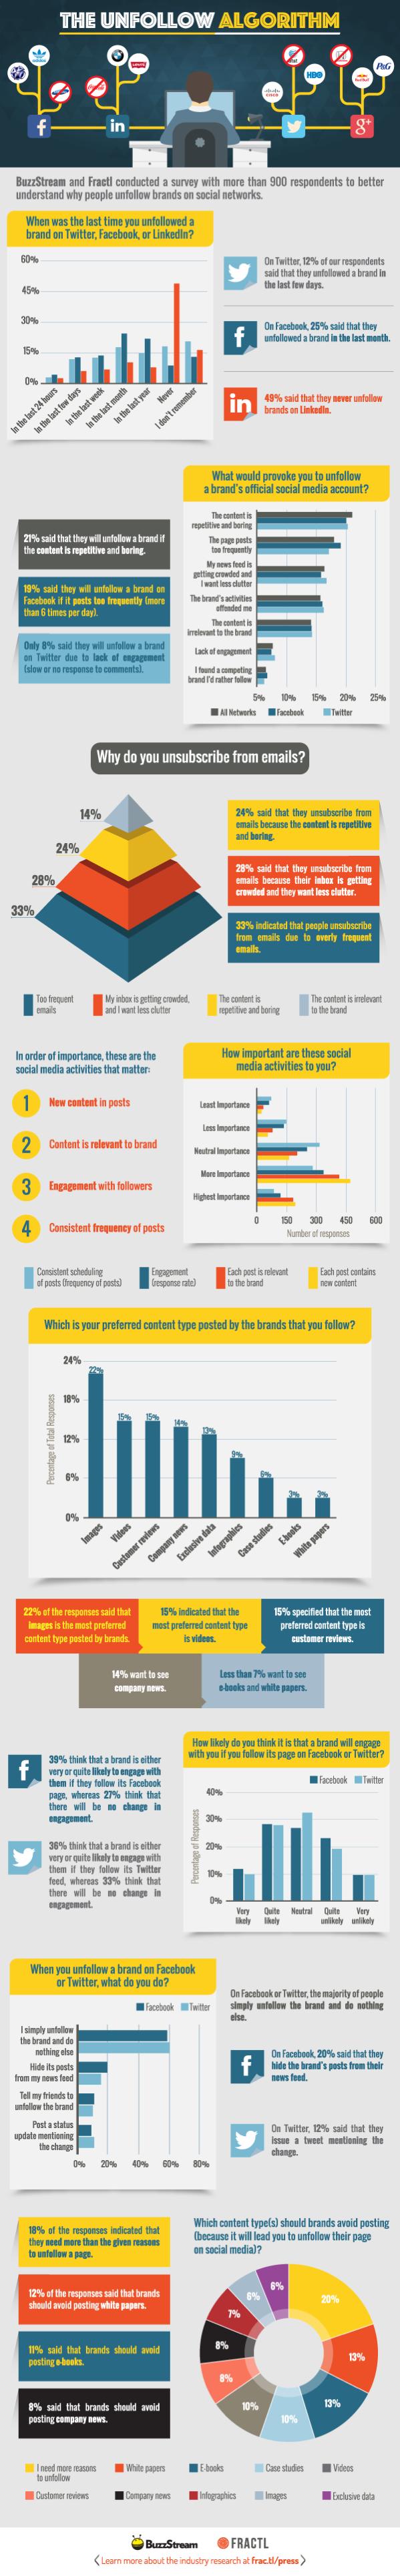 Unfollow-brands-Facebook-Twitter-Linkedin